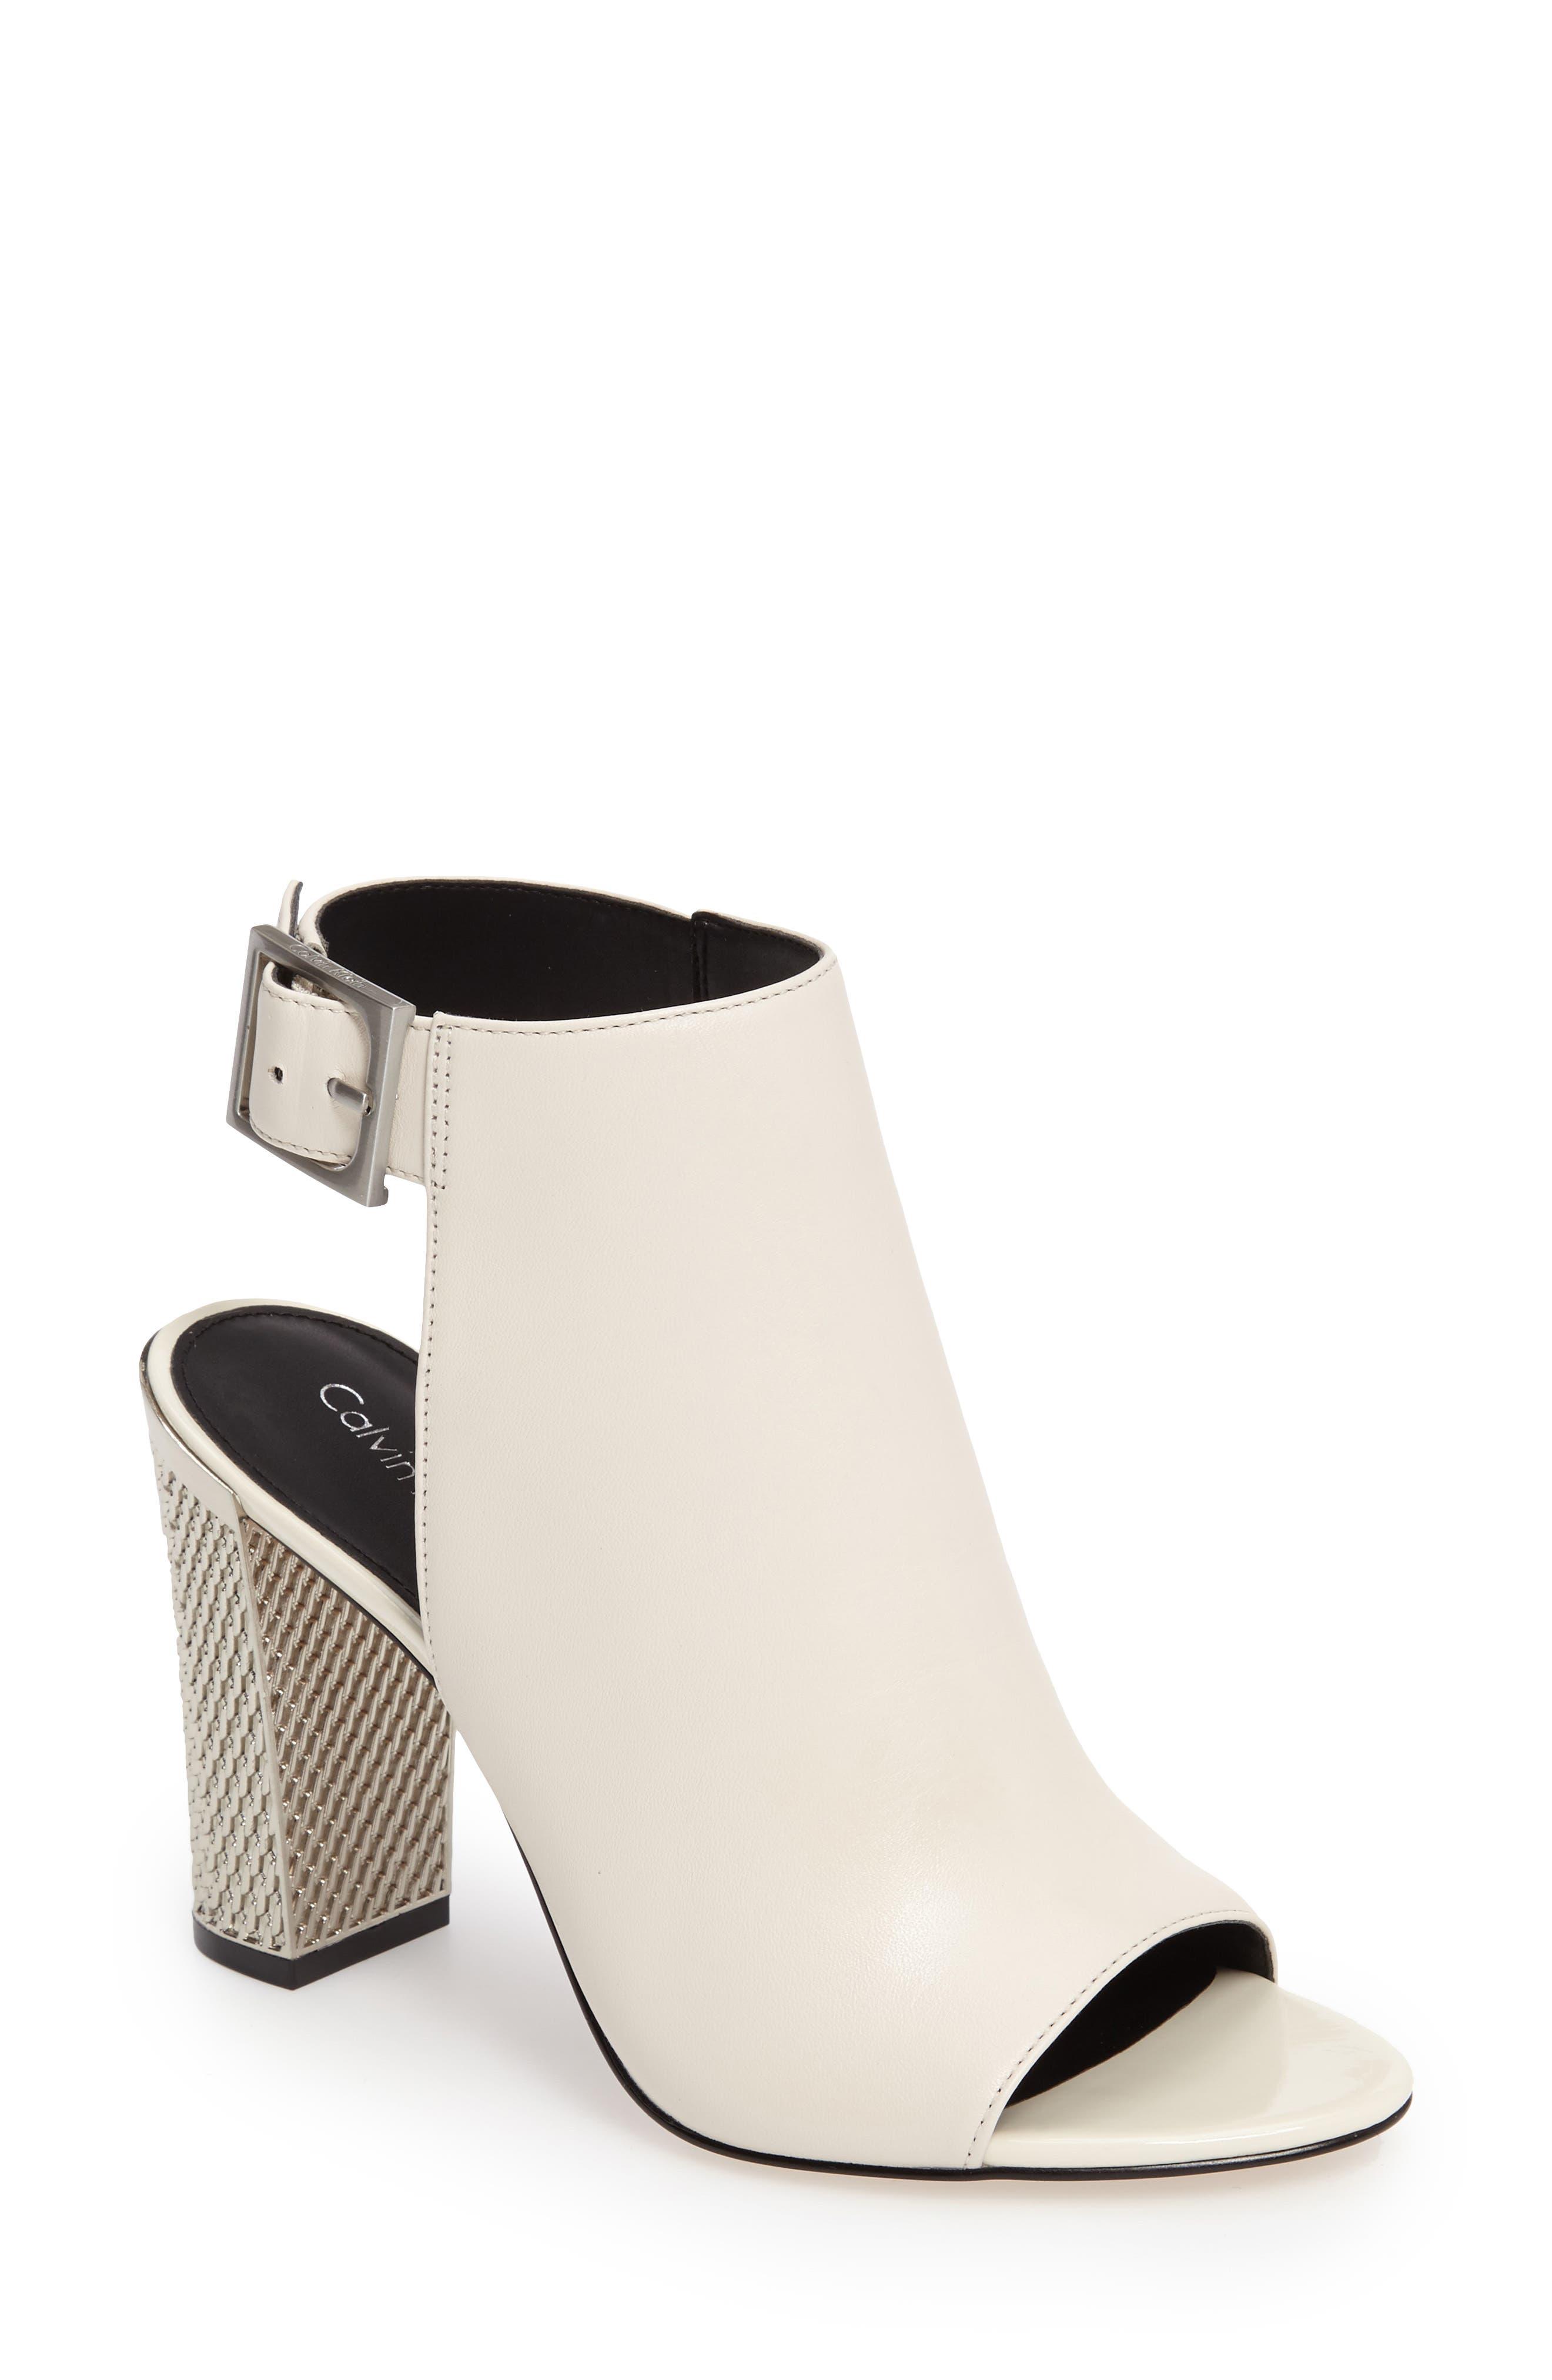 Alternate Image 1 Selected - Calvin Klein Norah Metallic Heel Sandal (Women)